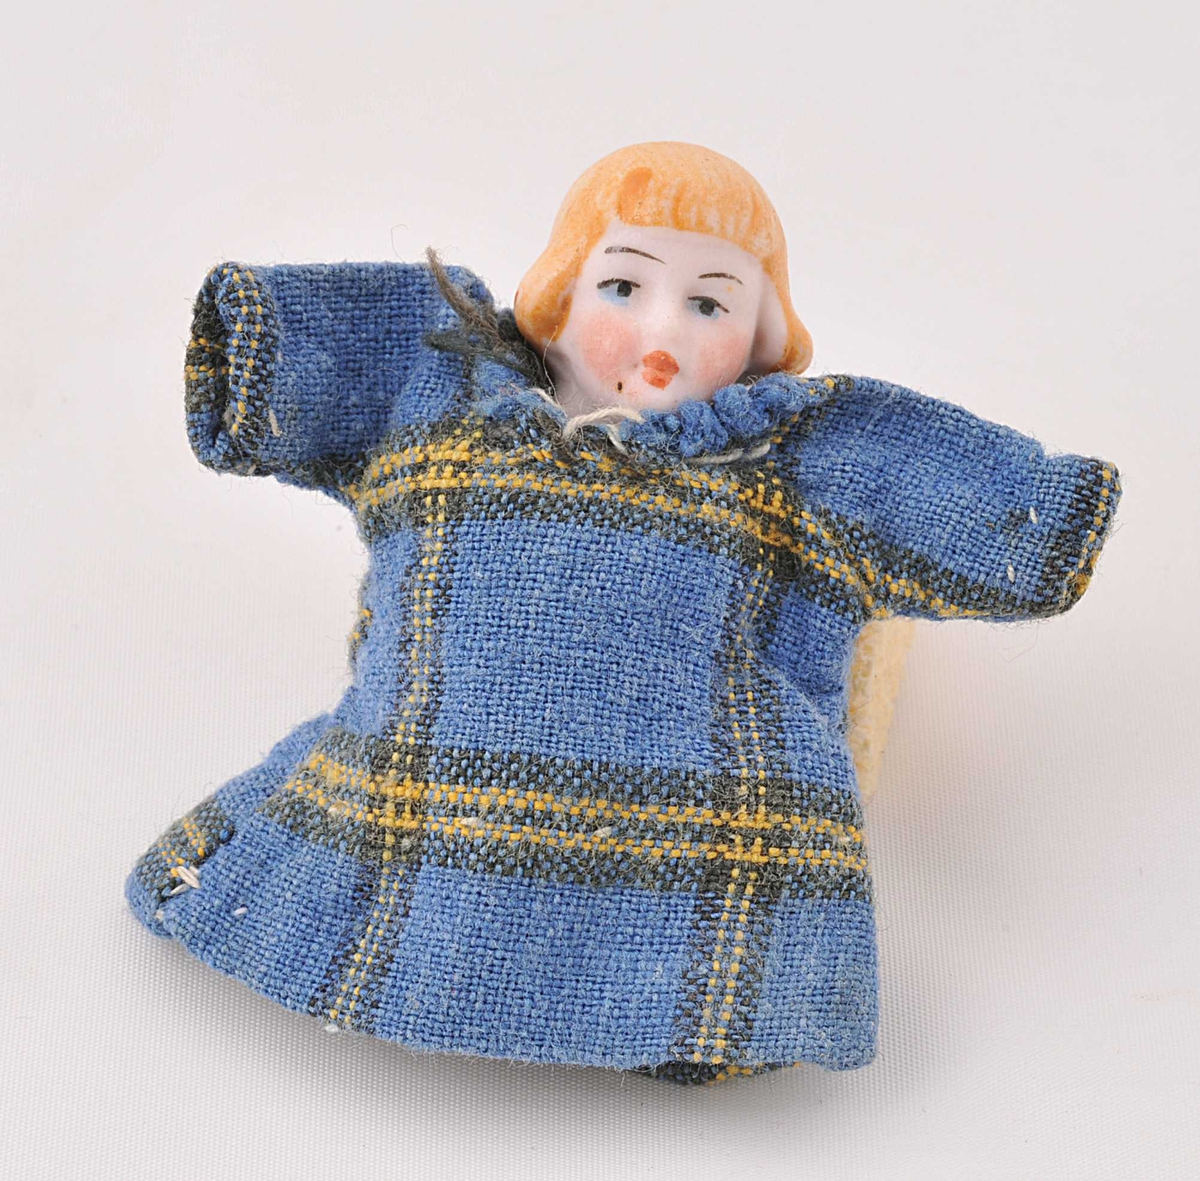 Lita porselensdokke uten armer og bein. Kledd i blårutete bomullskjole.